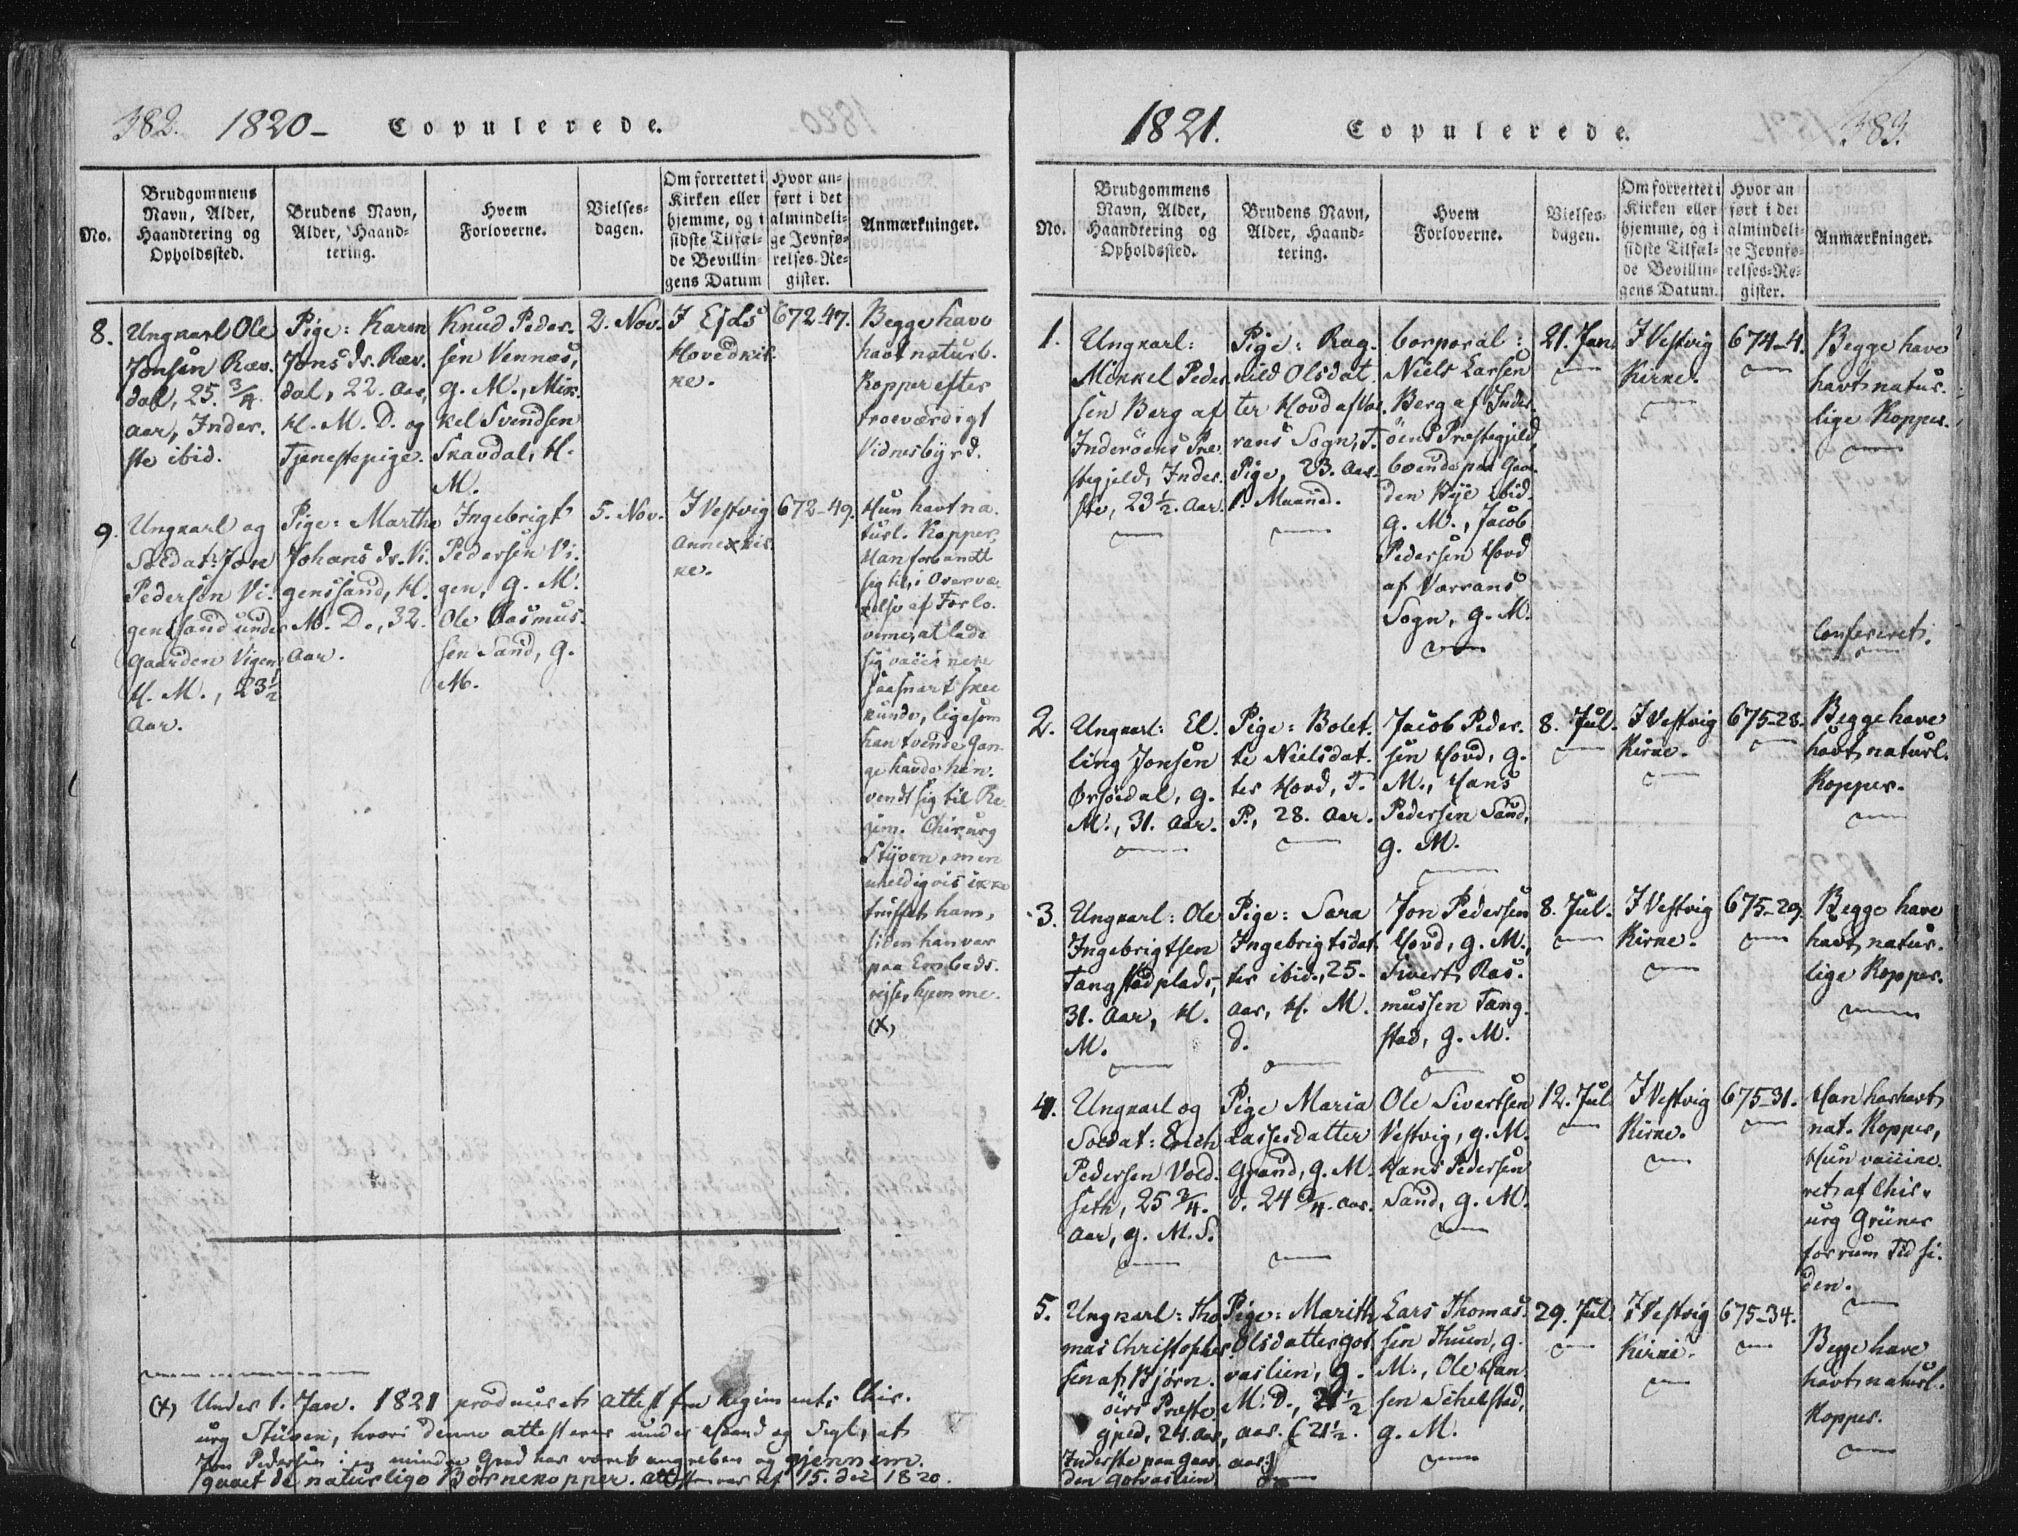 SAT, Ministerialprotokoller, klokkerbøker og fødselsregistre - Nord-Trøndelag, 744/L0417: Ministerialbok nr. 744A01, 1817-1842, s. 382-383